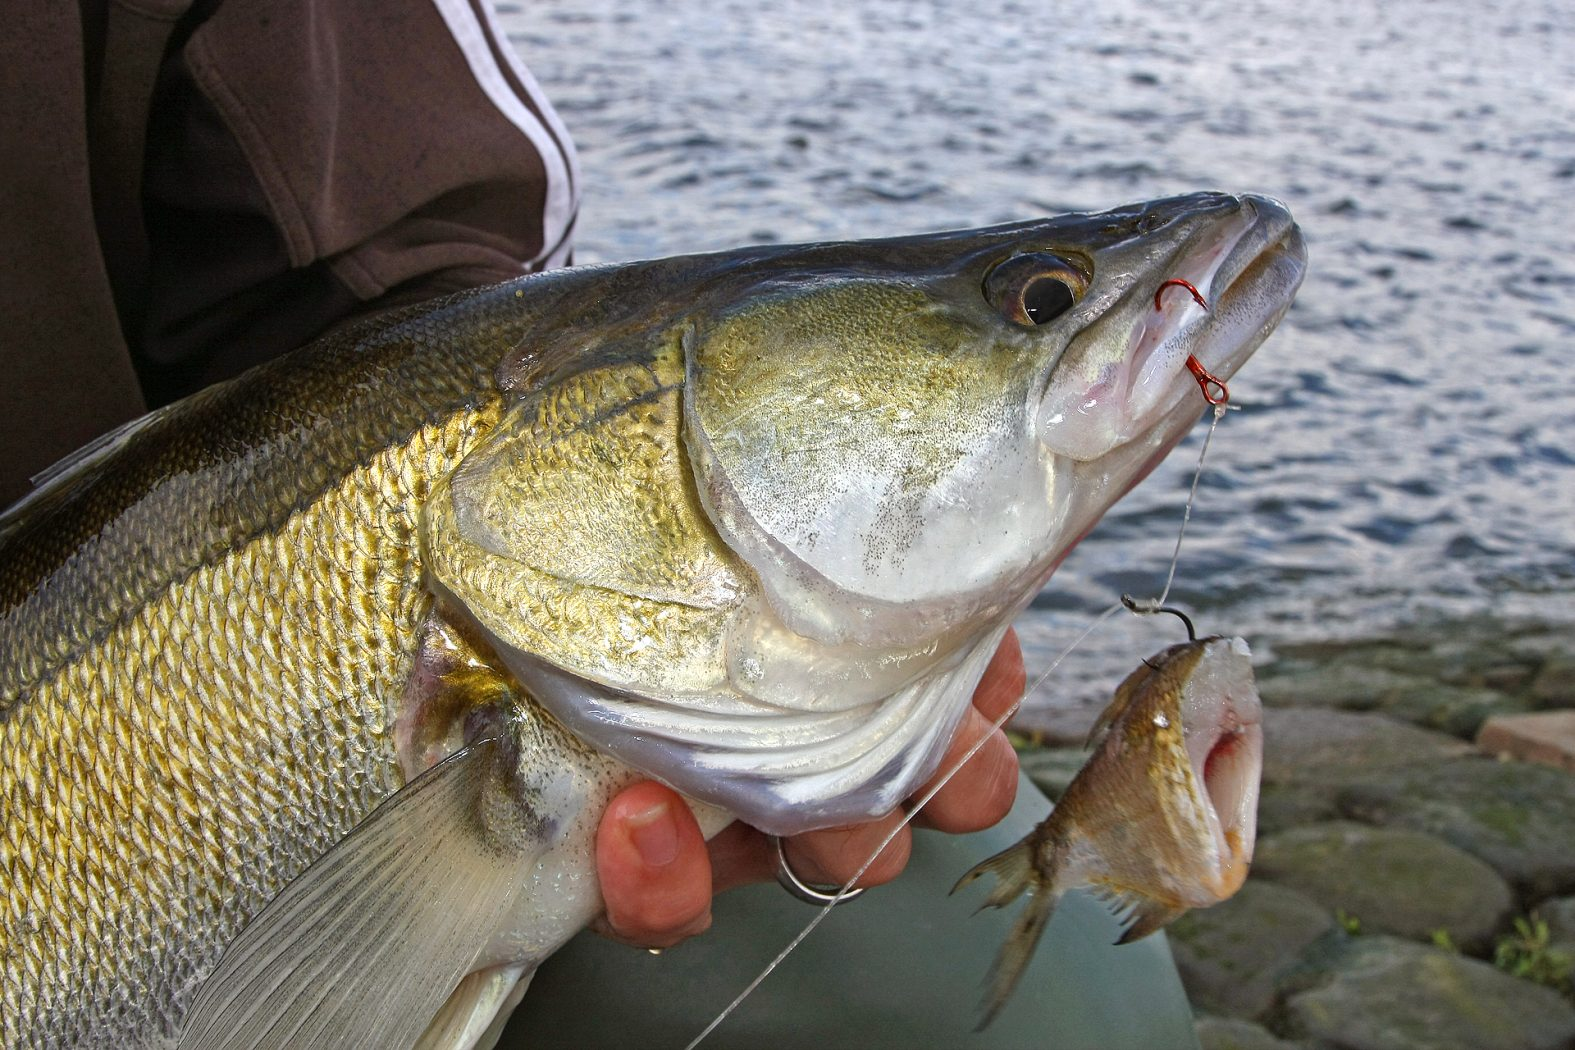 Zanderangeln mit Fischfetzen und Köderfisch